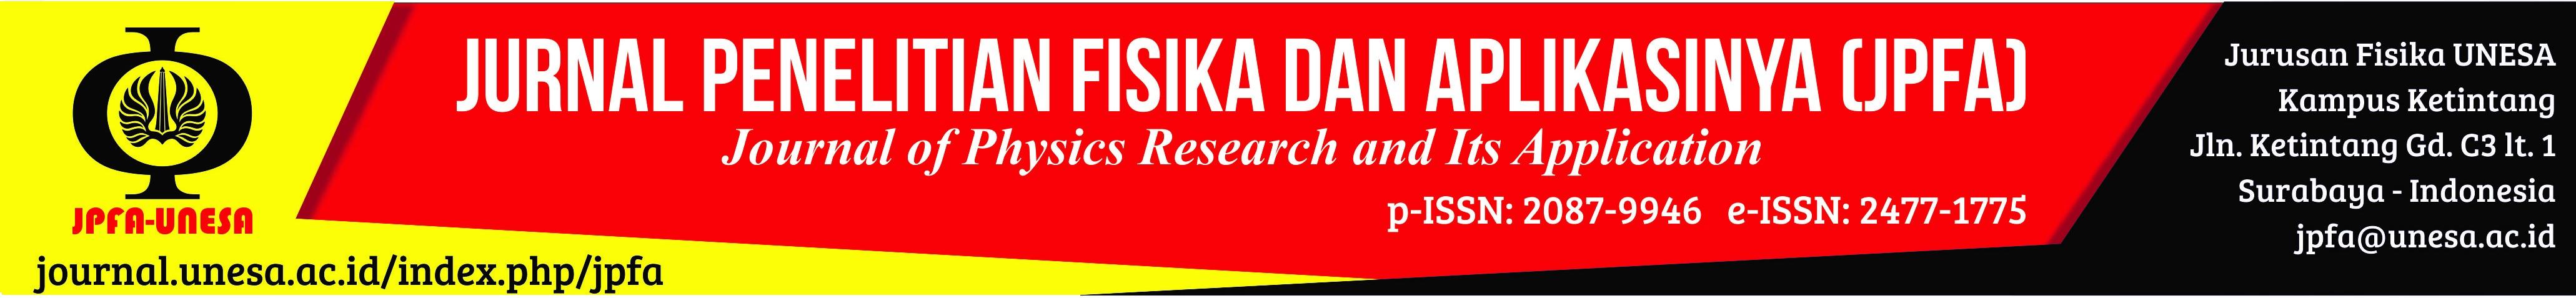 Jurnal Penelitian Fisika dan Aplikasinya (JPFA)